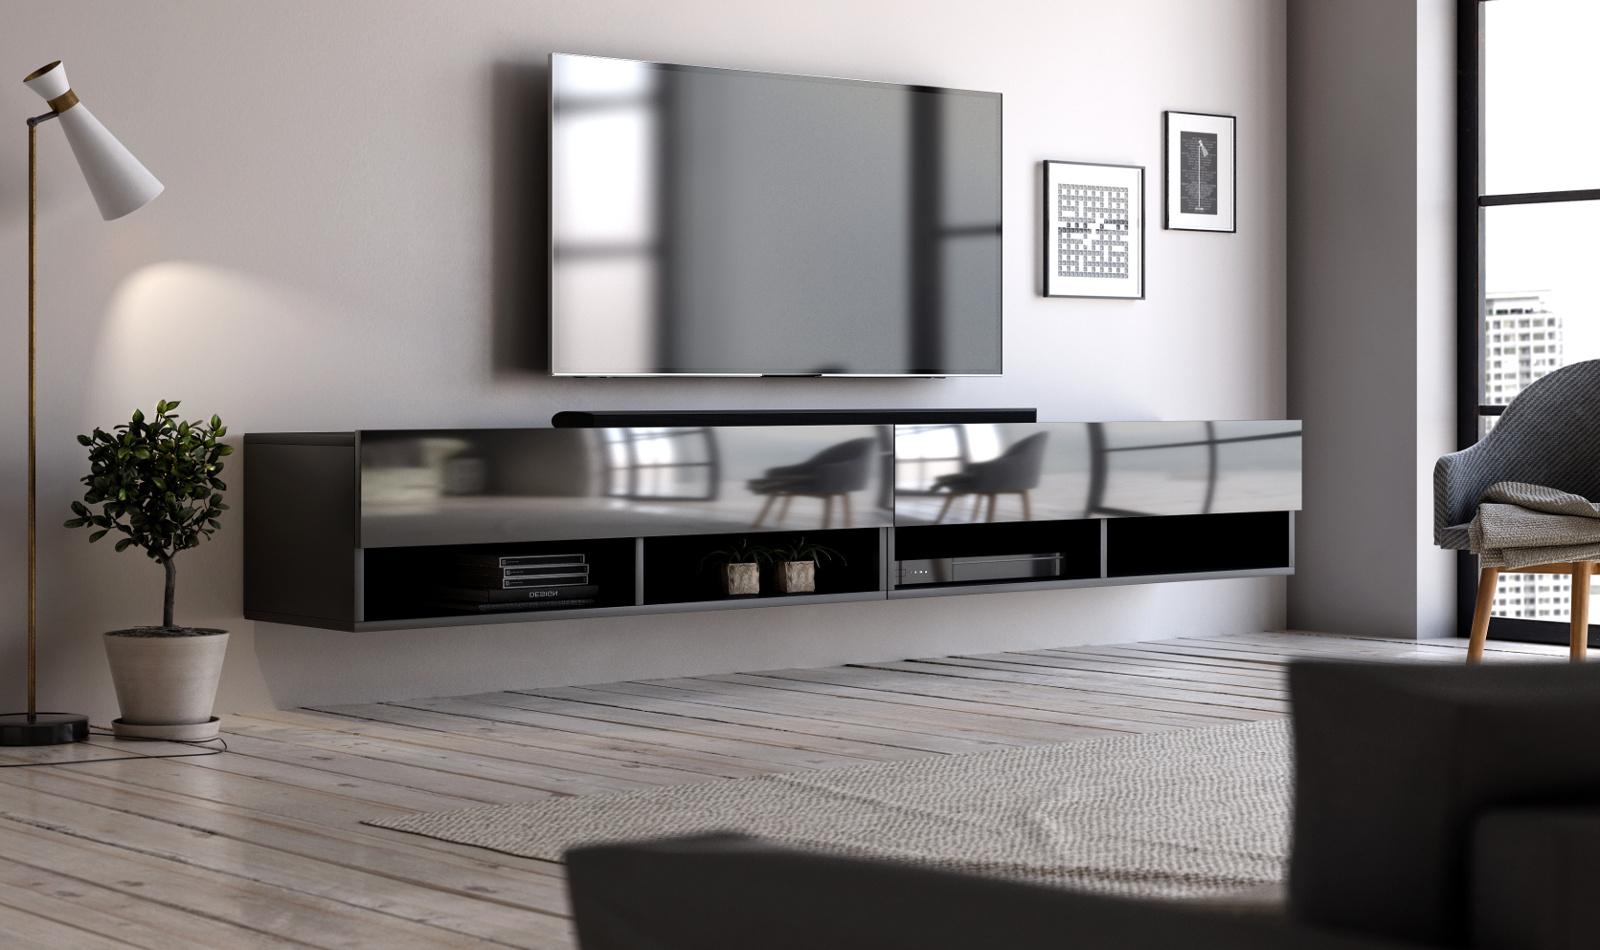 Büroschrank weiß hochglanz  Nauhuri.com | Büroschrank Weiß Lack ~ Neuesten Design-Kollektionen ...